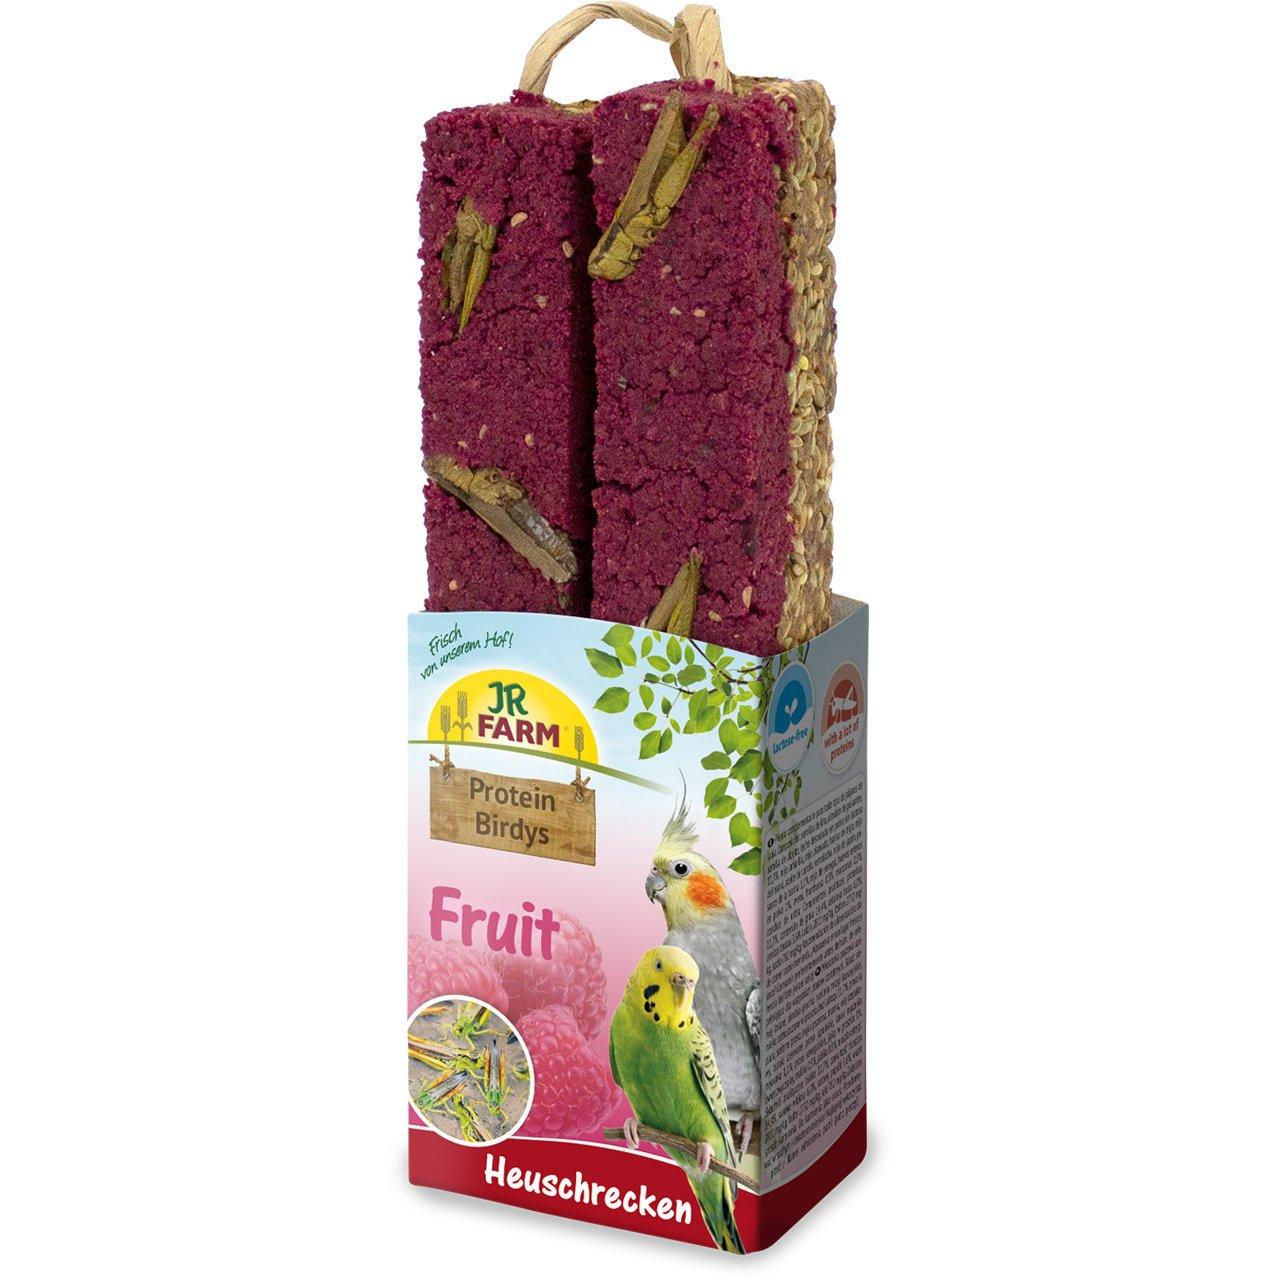 JR Farm Protein Birdys, Fruit Heuschrecken 150g